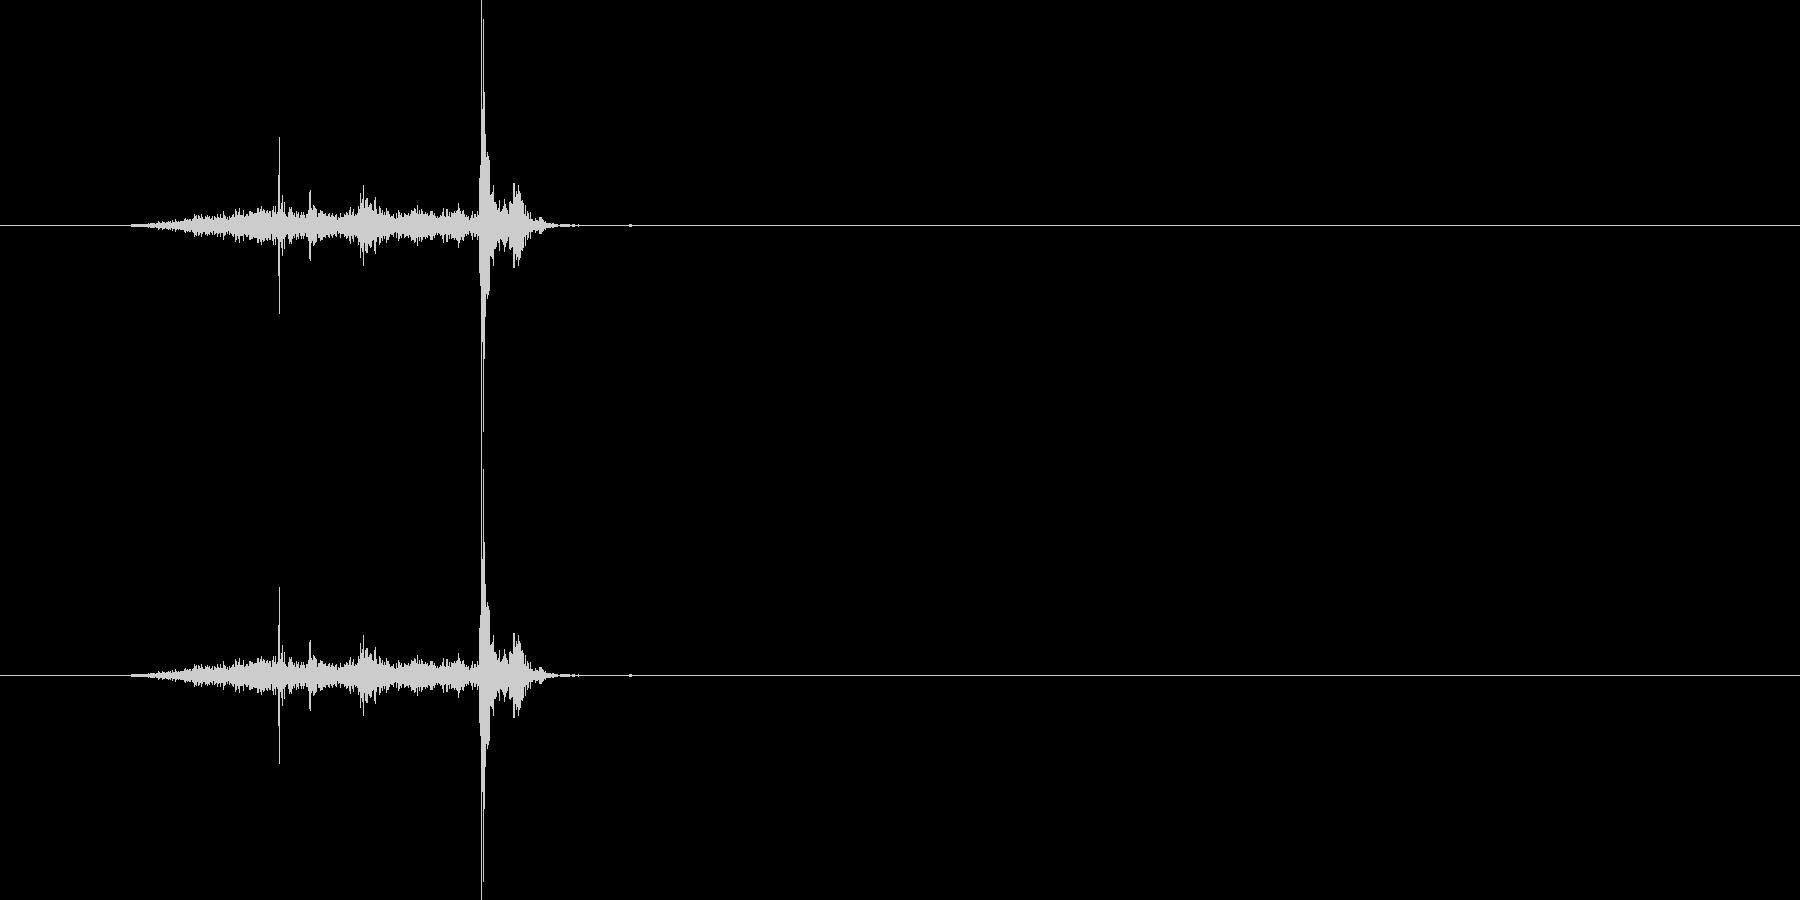 紙・ページをめくる[硬い紙]#2の未再生の波形